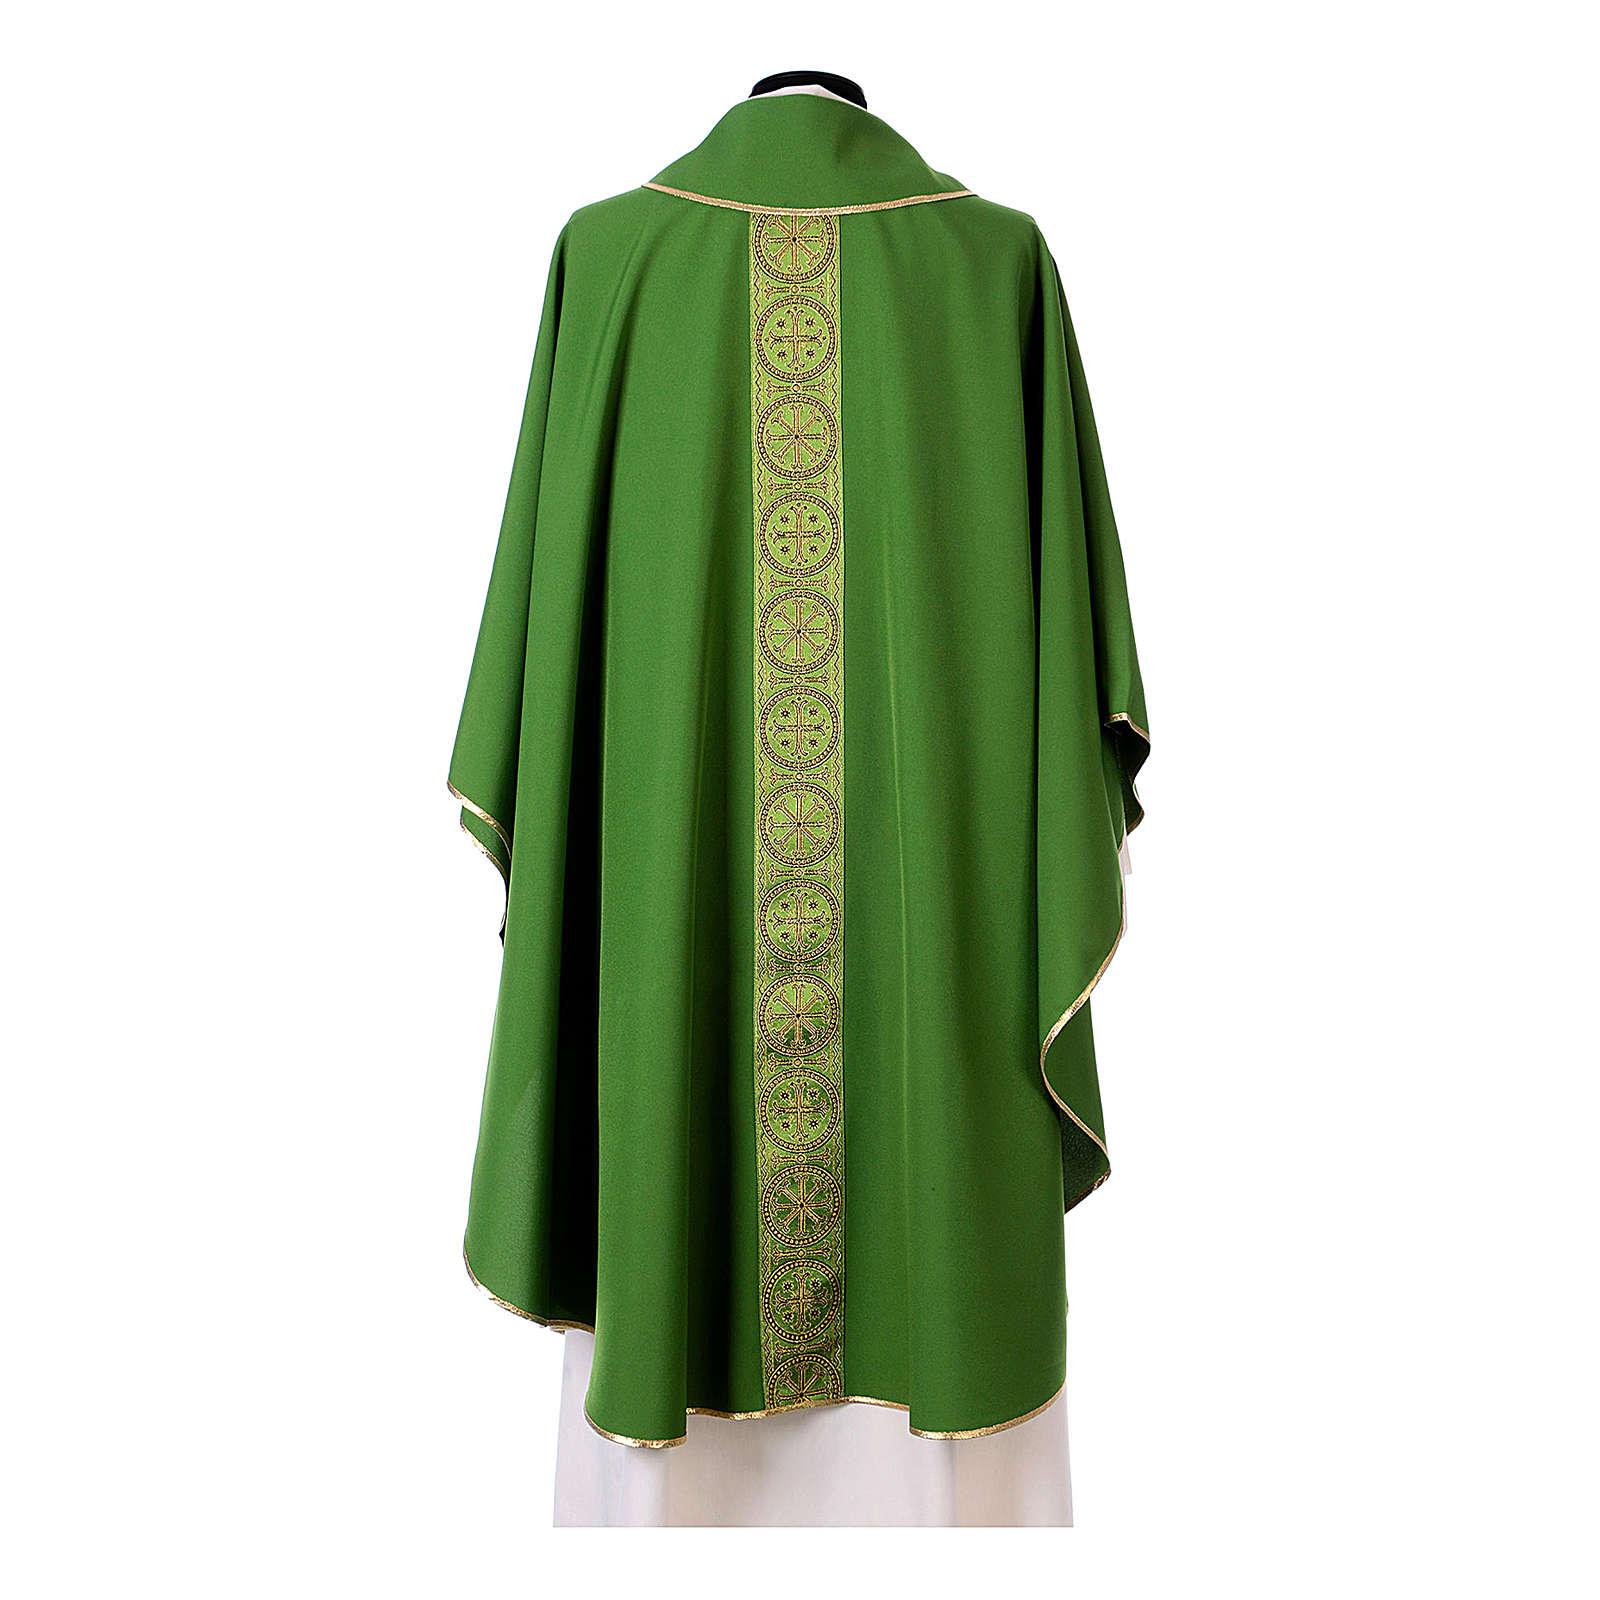 Casula galão ambos lados tecido Vatican 100% poliéster 4